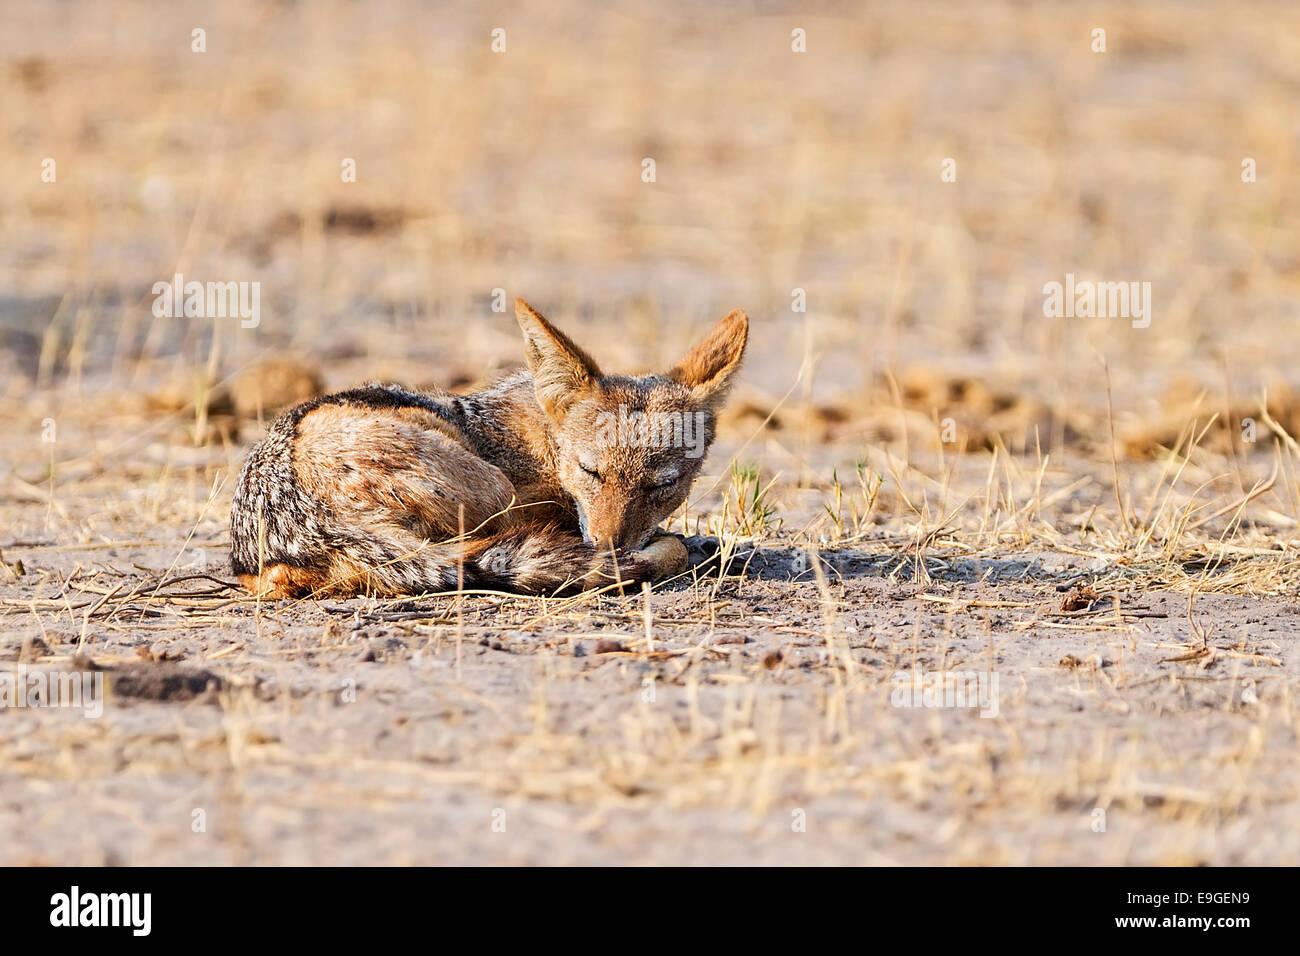 Black-backed jackal (Canis mesomelas) sleeping at sunrise, Chobe National Park, Botswana - Stock Image